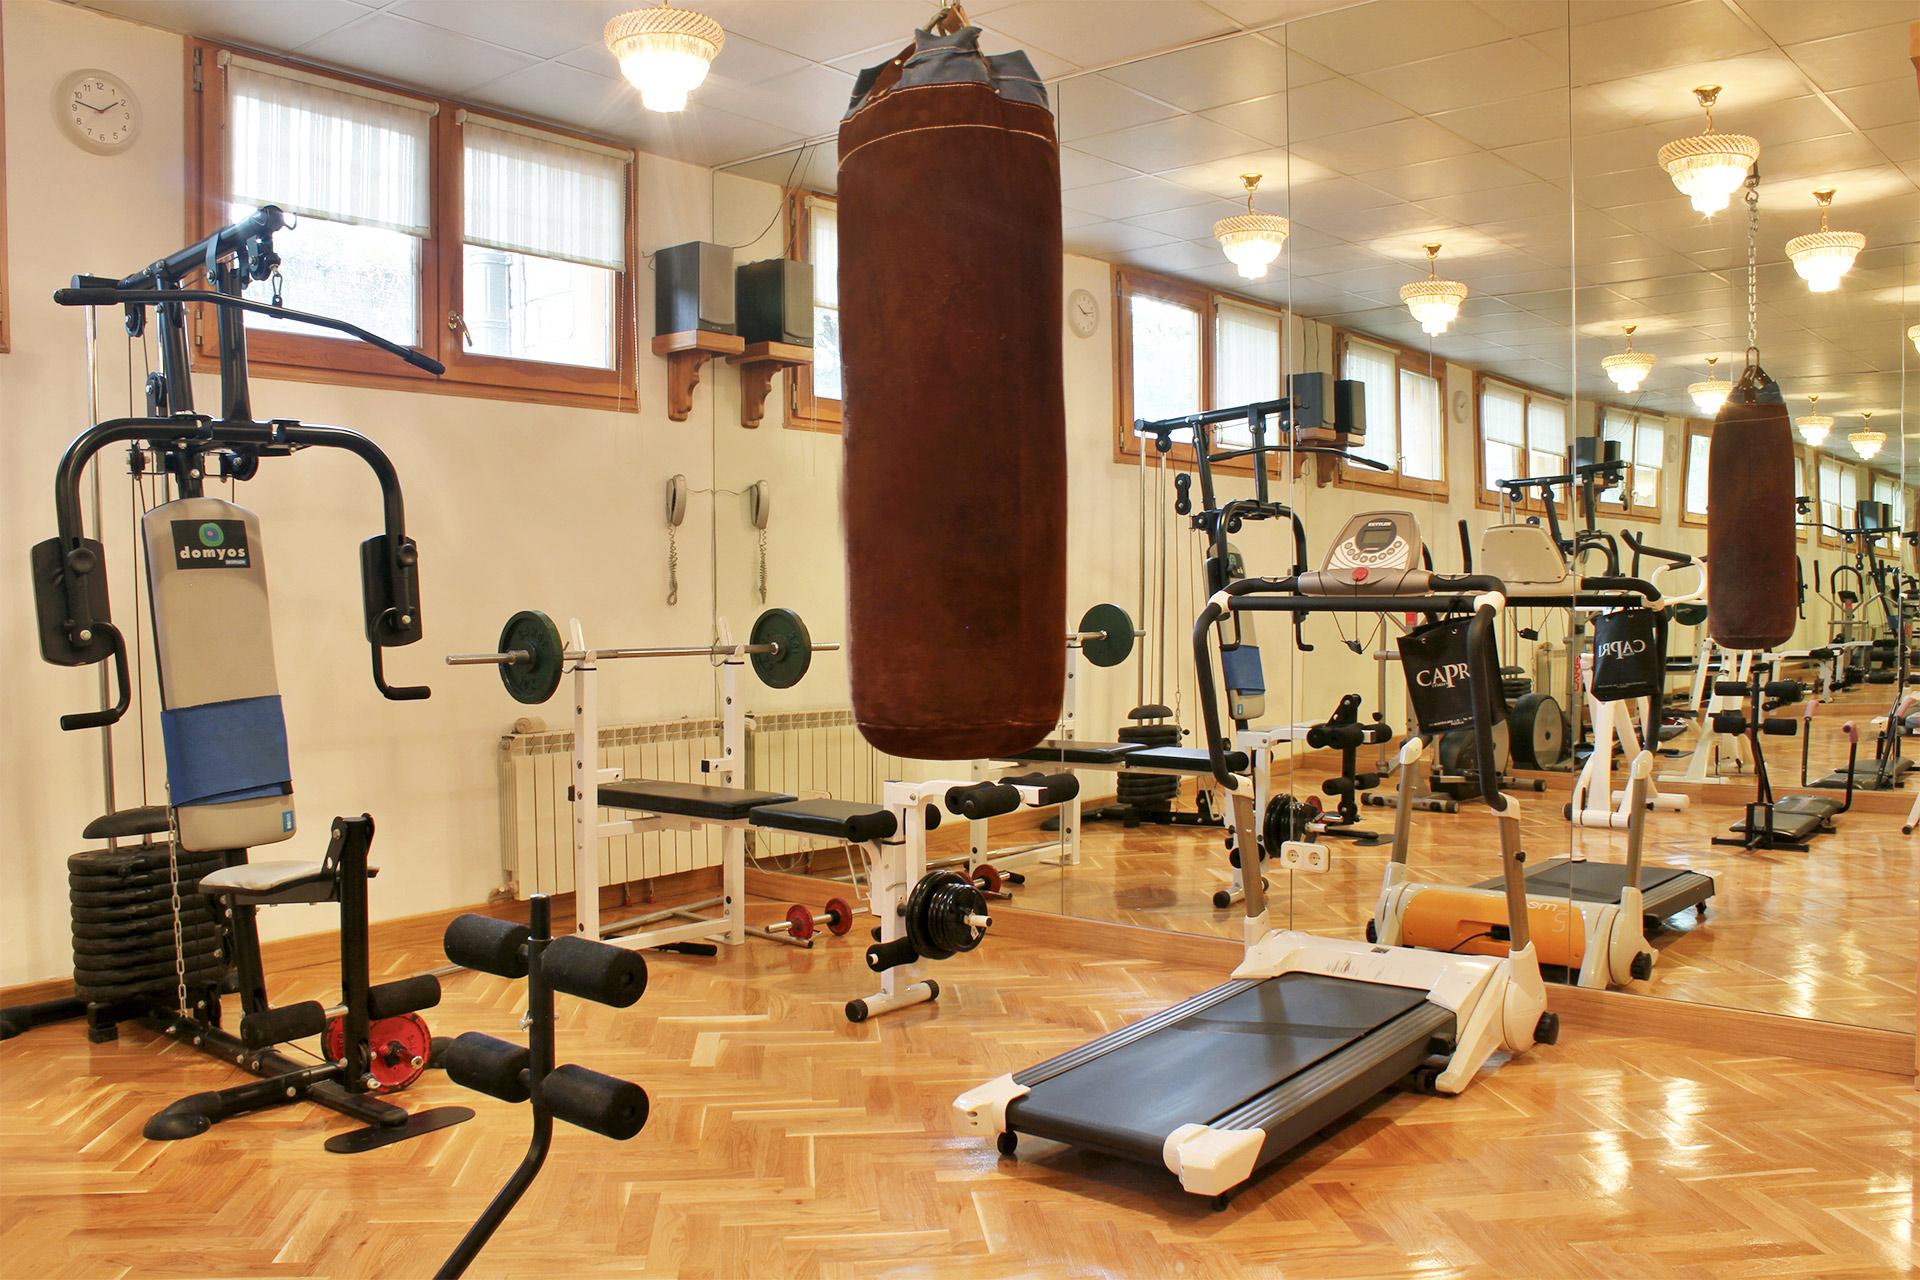 Te gusta el ejercicio haz un gimnasio en casa - Casa con gimnasio ...